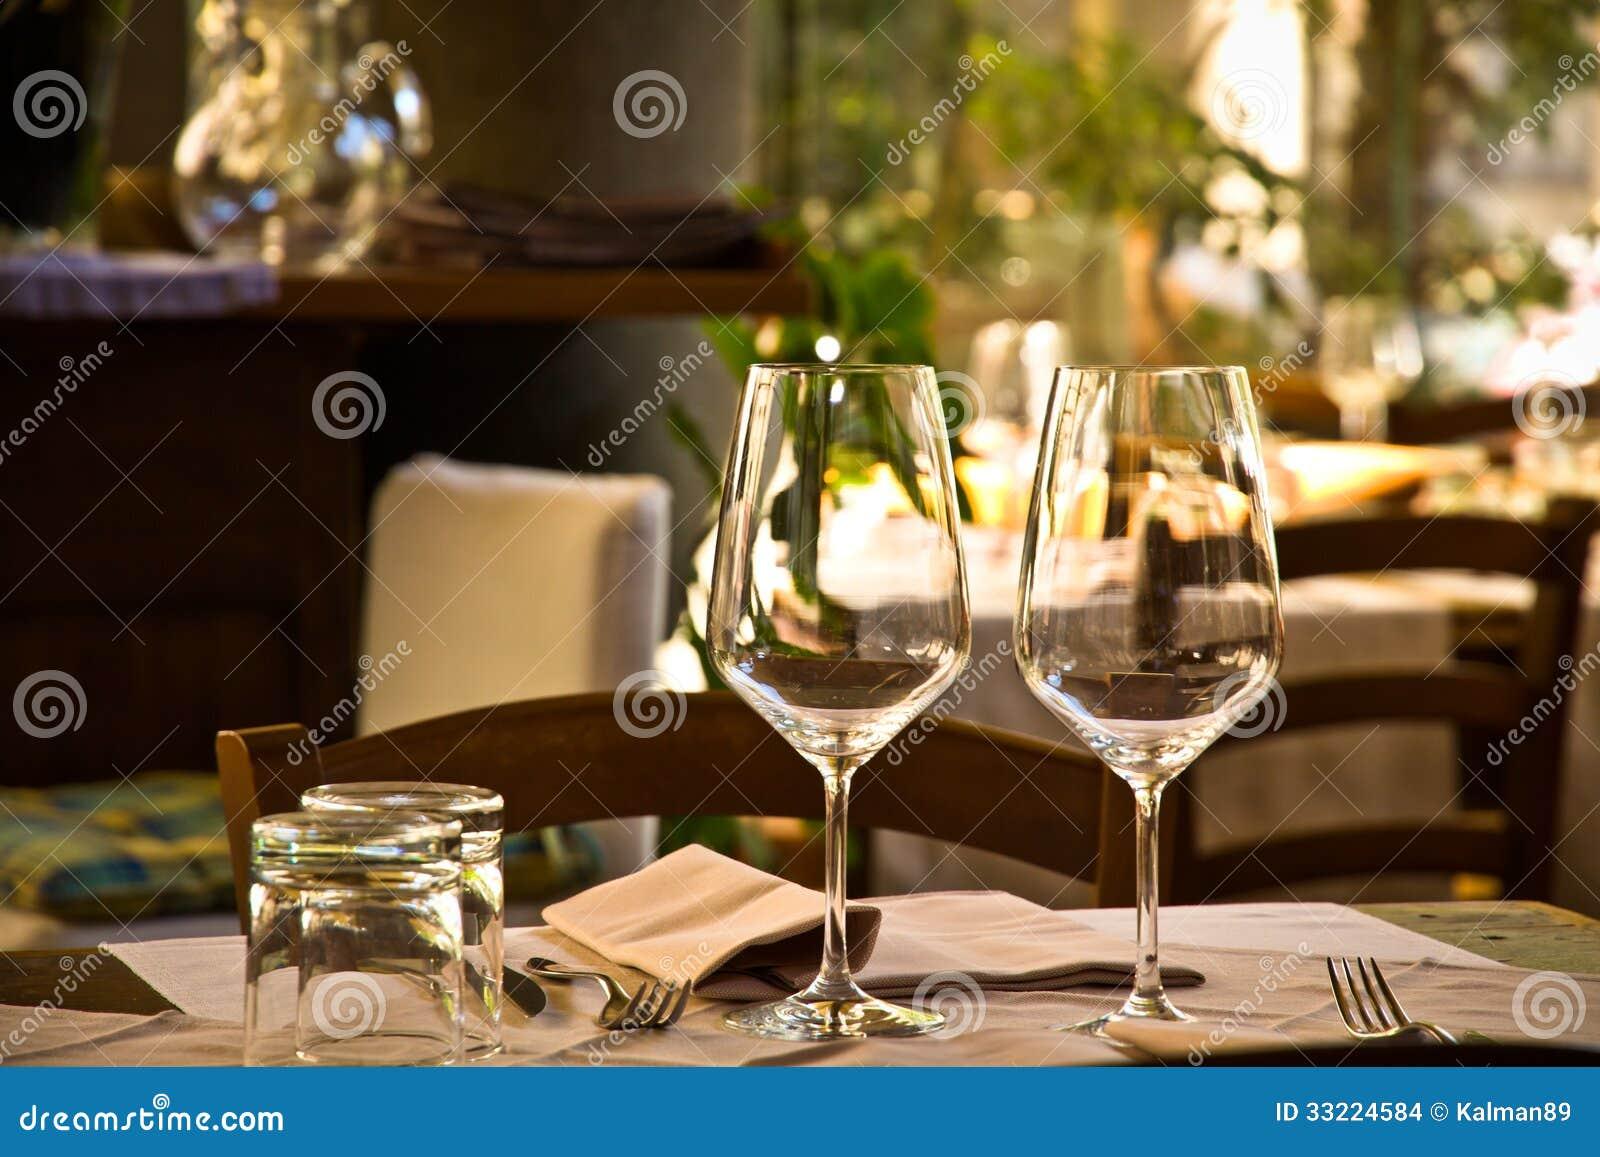 Copas de vino y ajuste de la tabla en restaurante